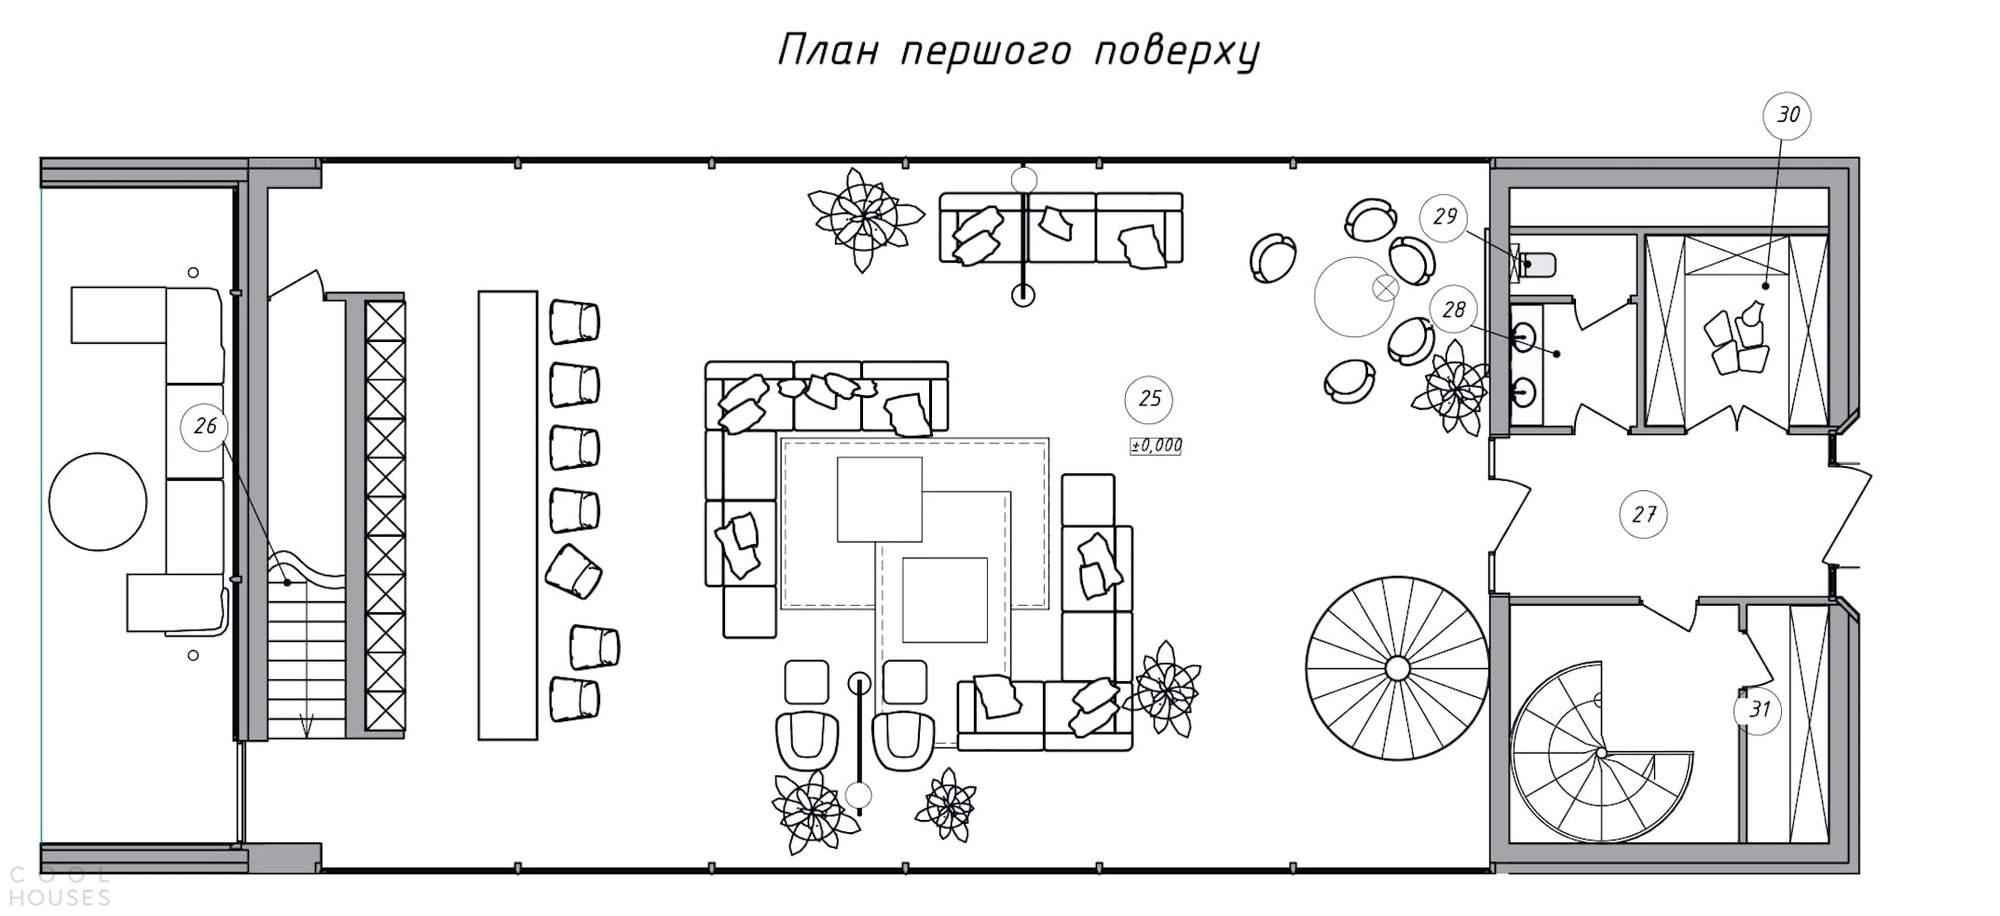 Современный минималистский дом, демонстрирующий симбиоз искусства и природы, Украина